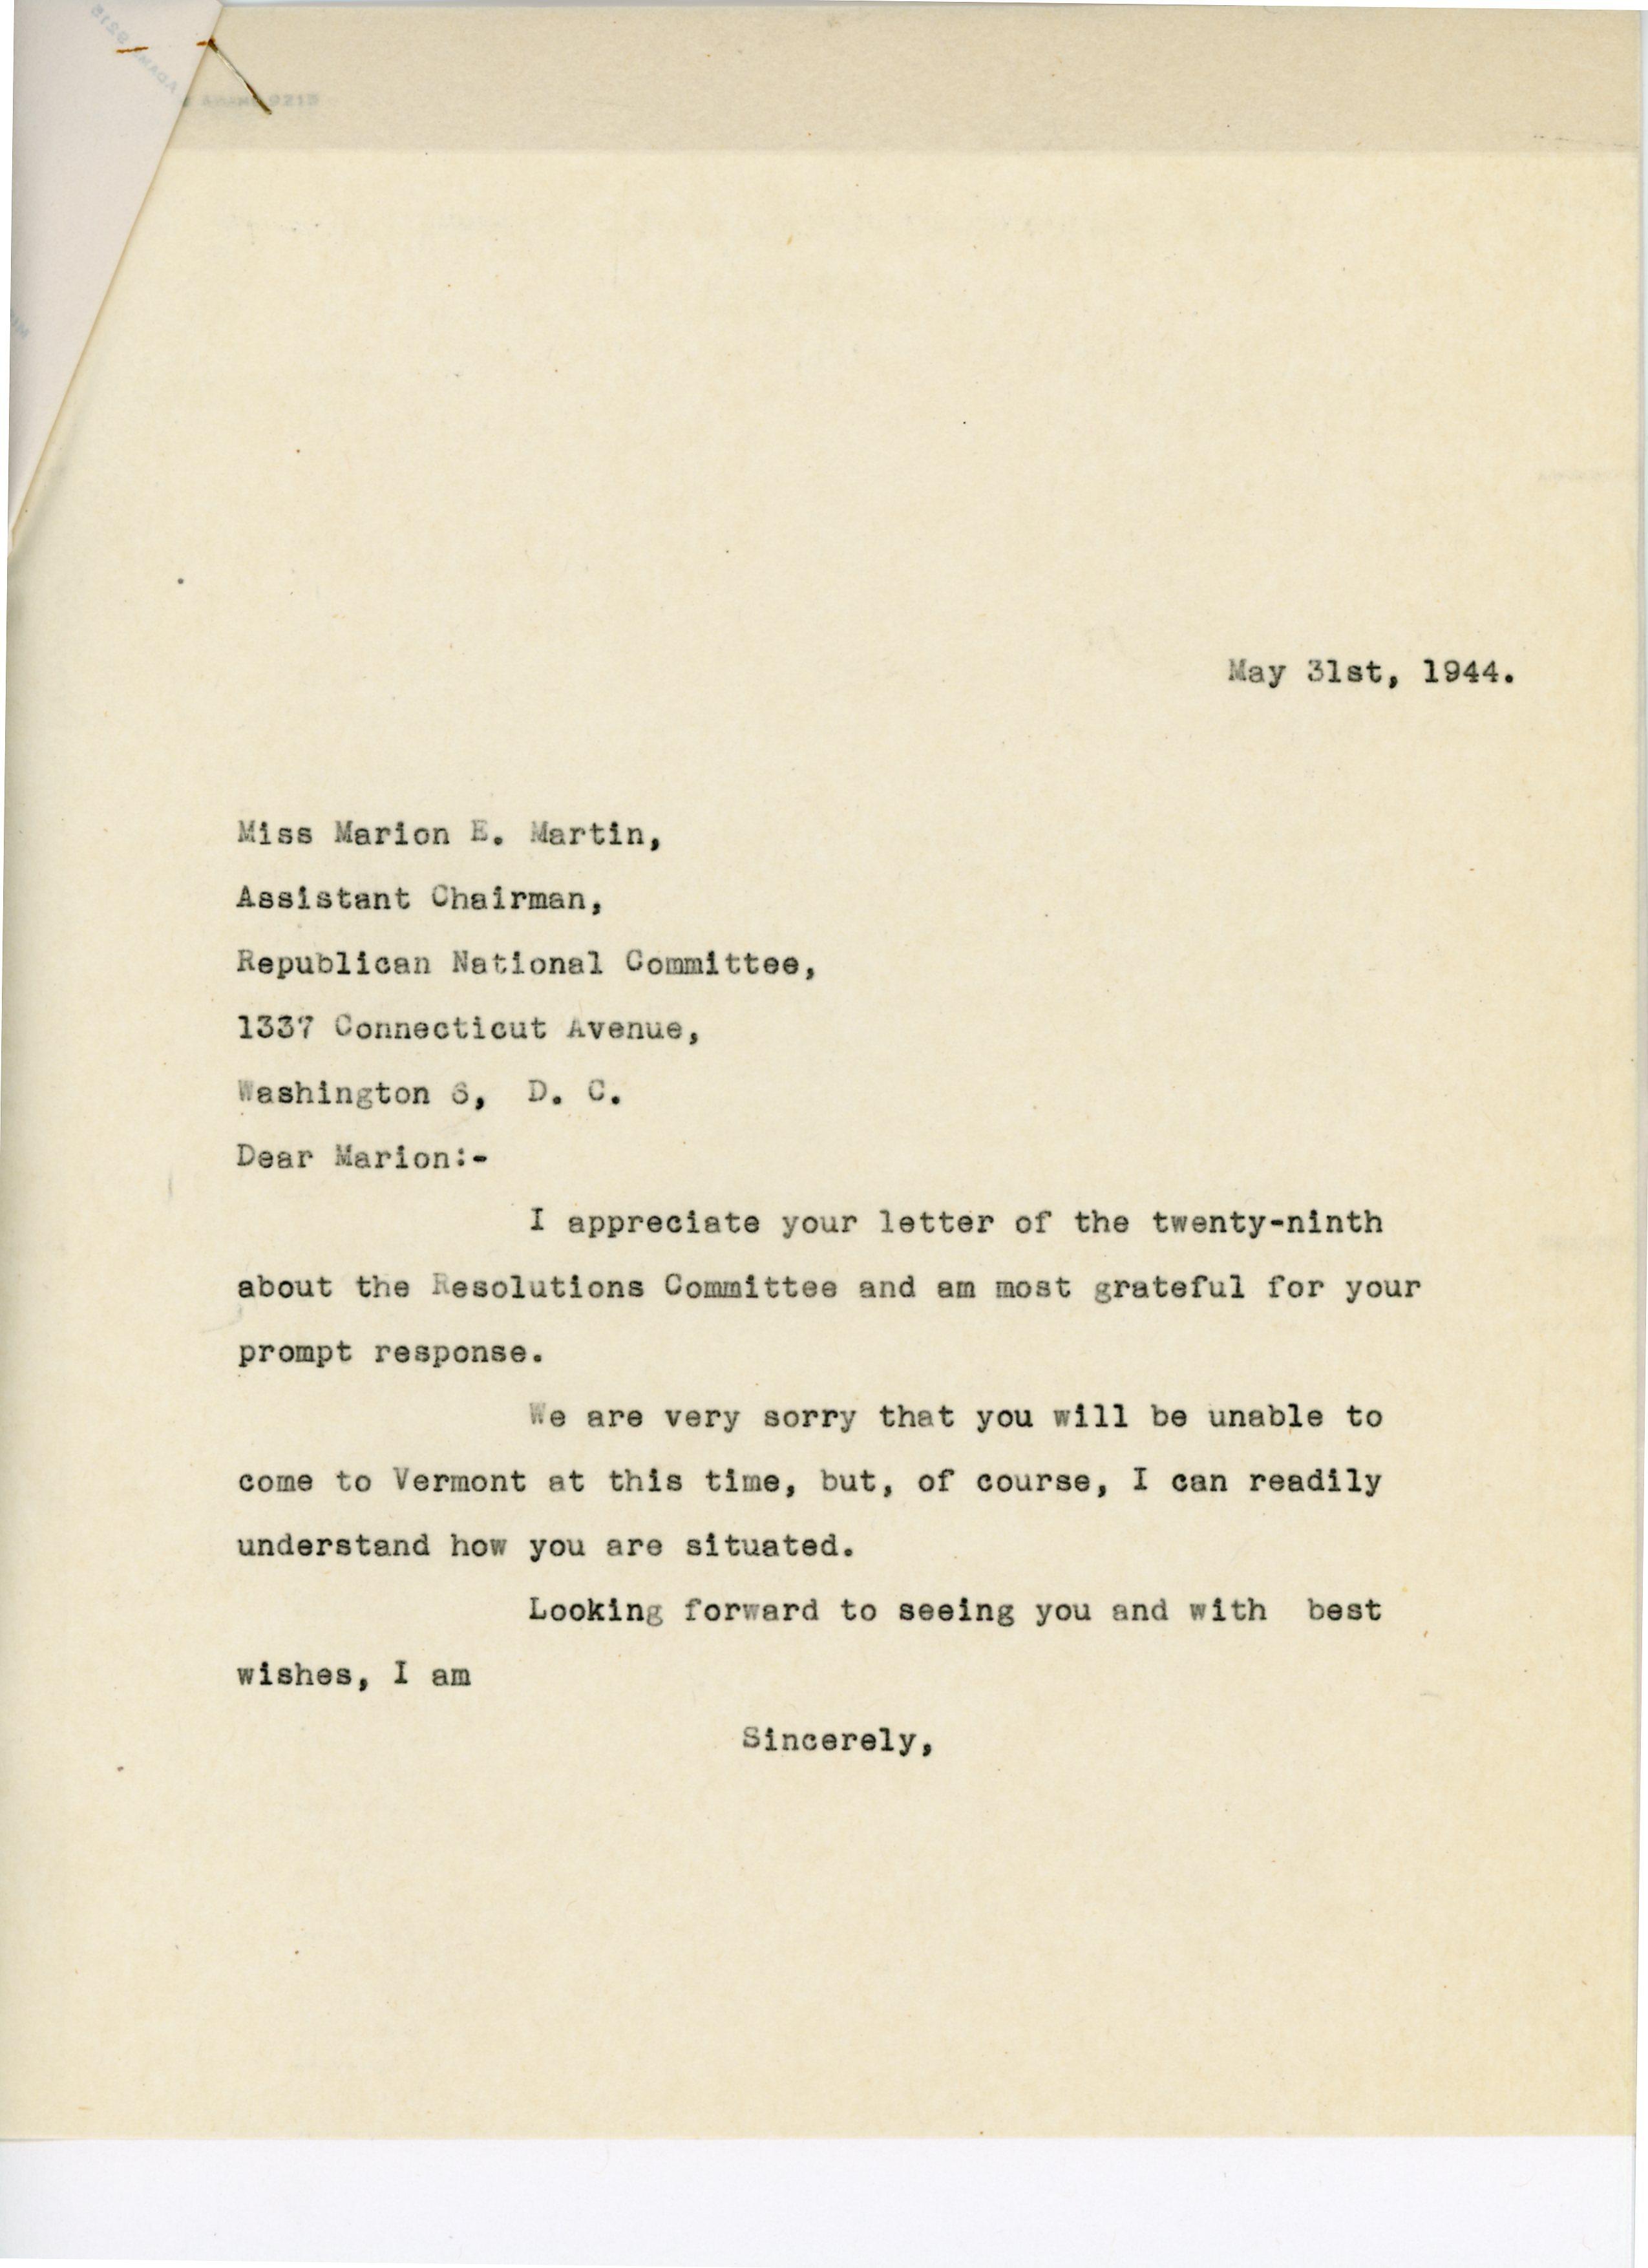 Consuelo N. Bailey to Marion E. Martin 1944 May 31